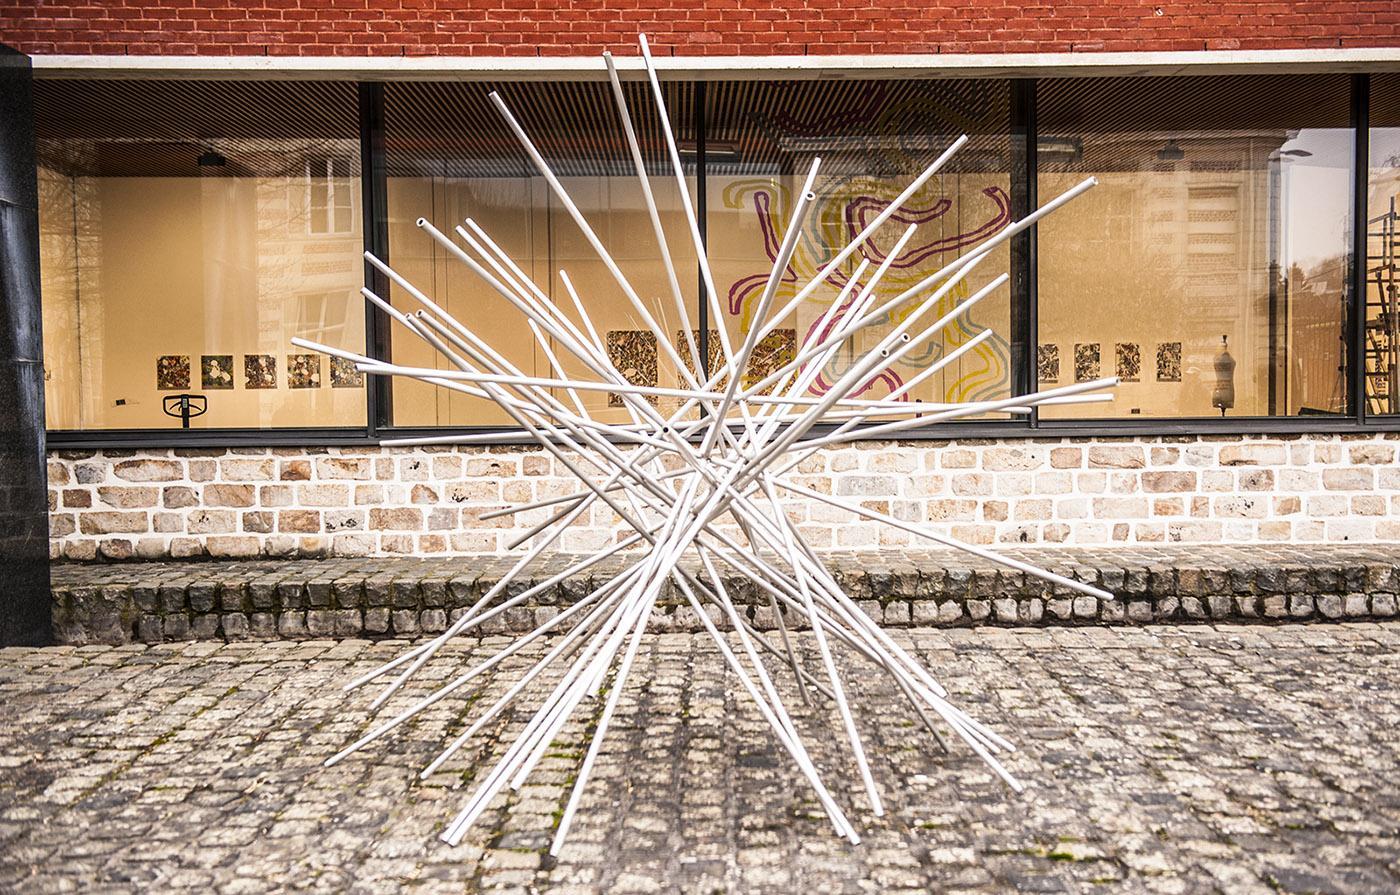 Skulptur im Vorhof des Museums. Foto: Hilke Maunder